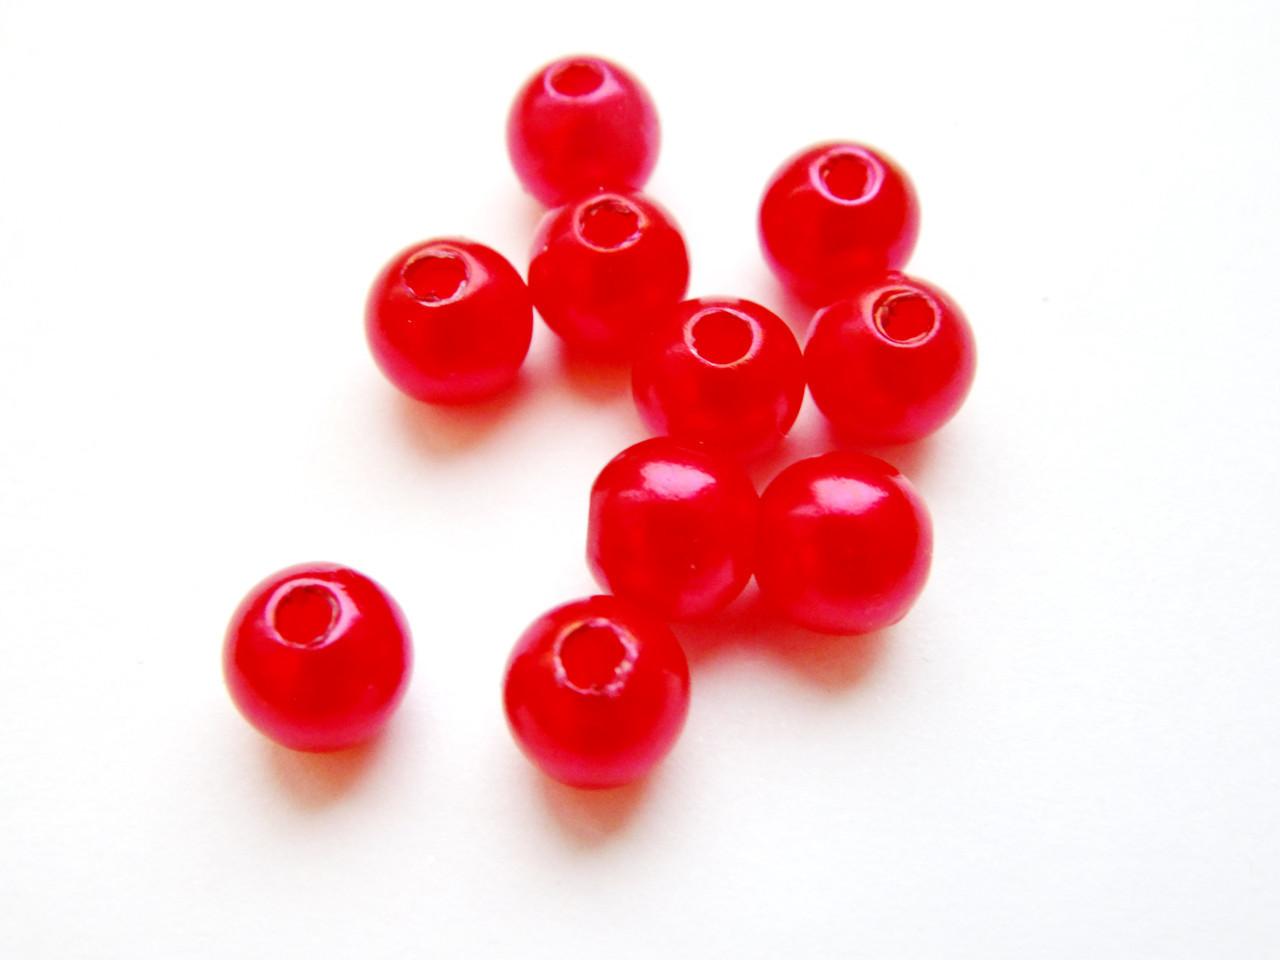 Намистини Червоні 12 мм акрил (20 шт.)